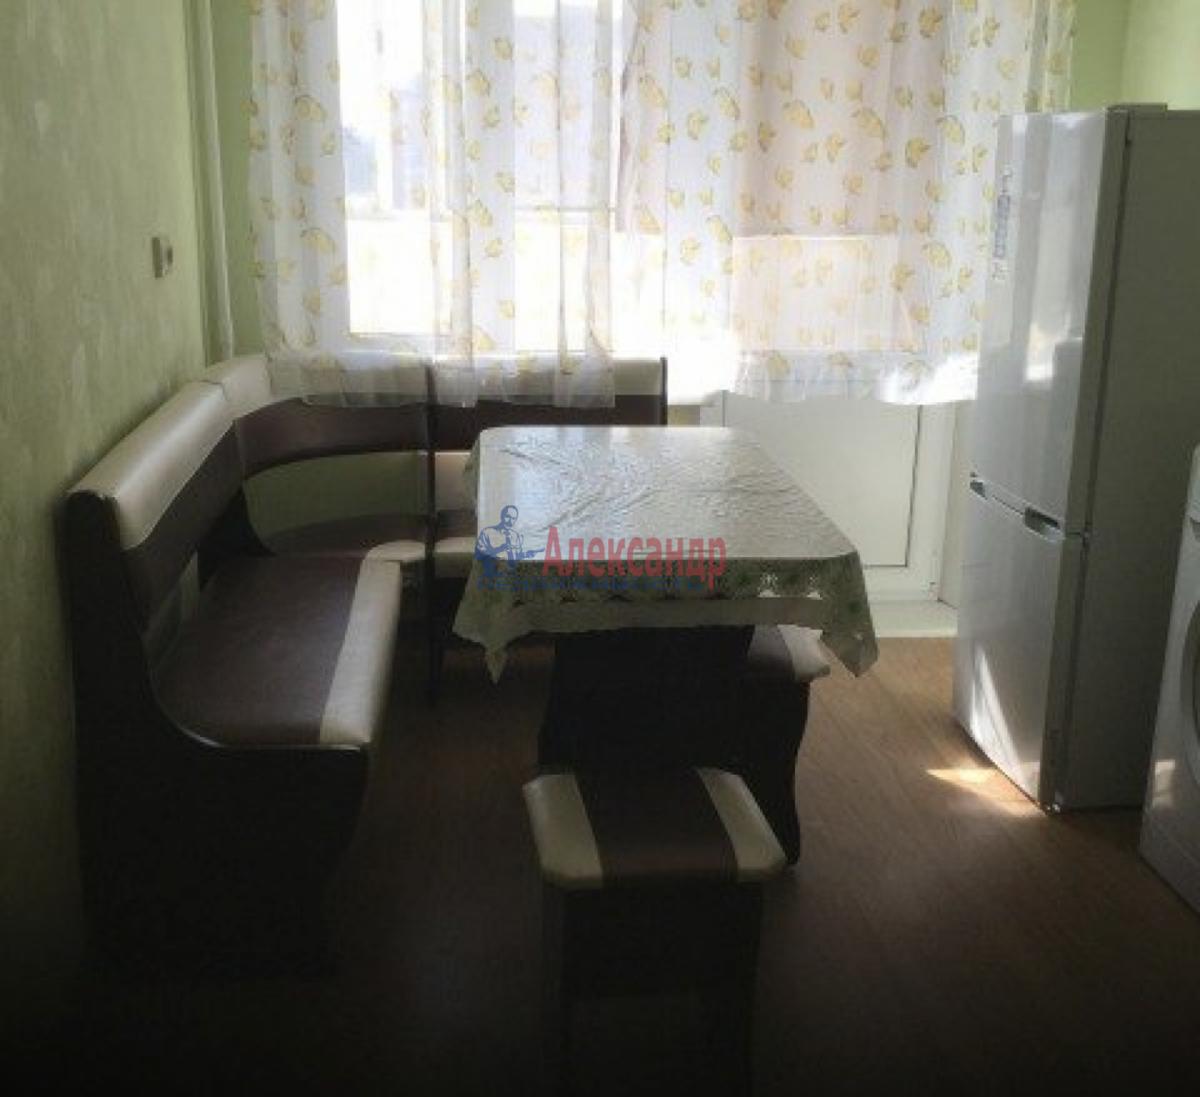 1-комнатная квартира (43м2) в аренду по адресу Дачный пр., 33— фото 1 из 9